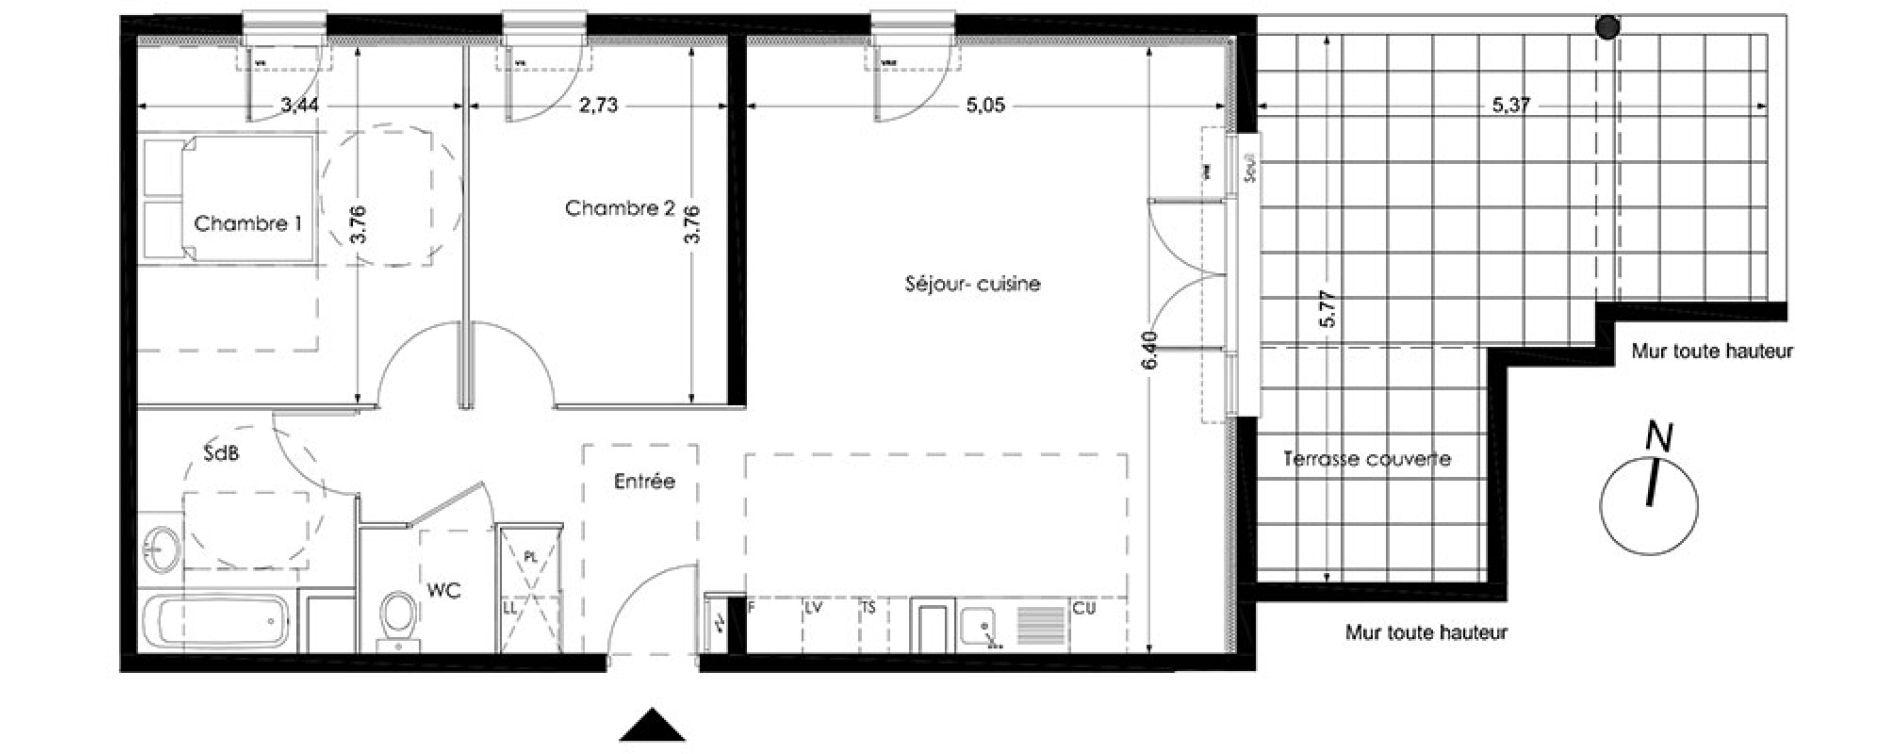 Appartement T3 De 70 50m2 2ème étage E Nuances De Provence